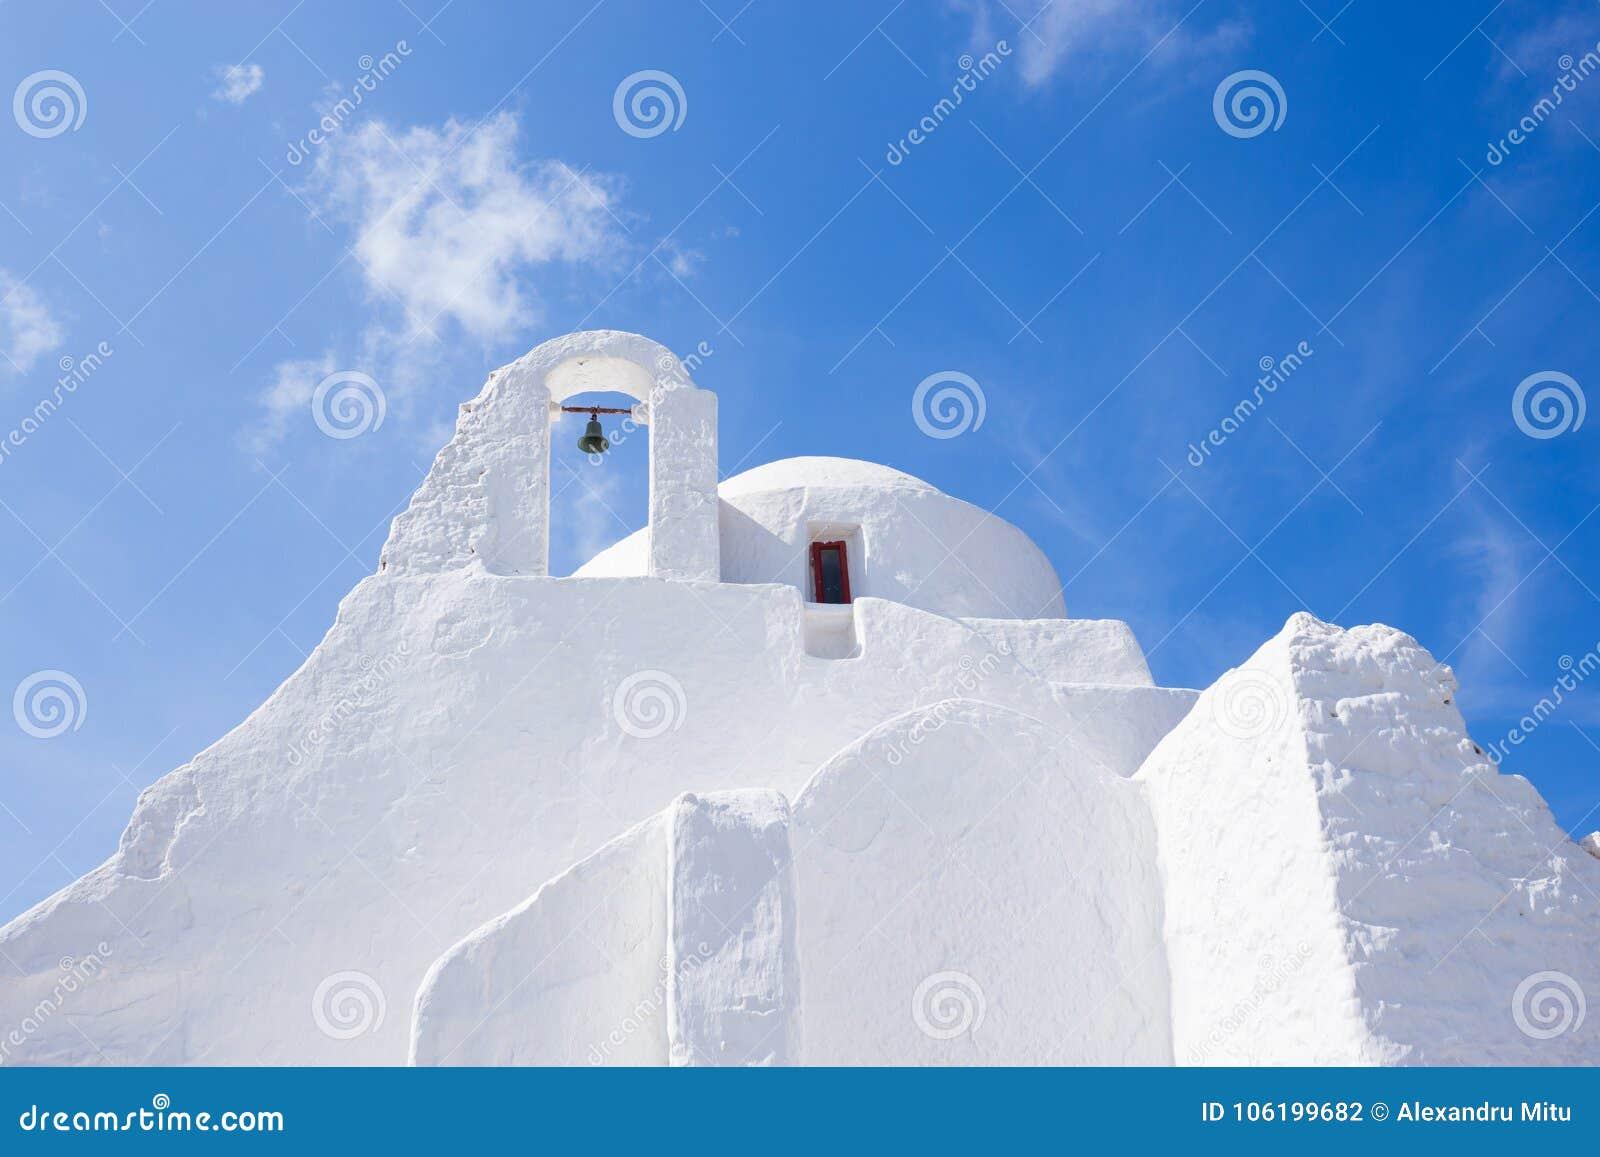 Greek Orthodox church in Mykonos.